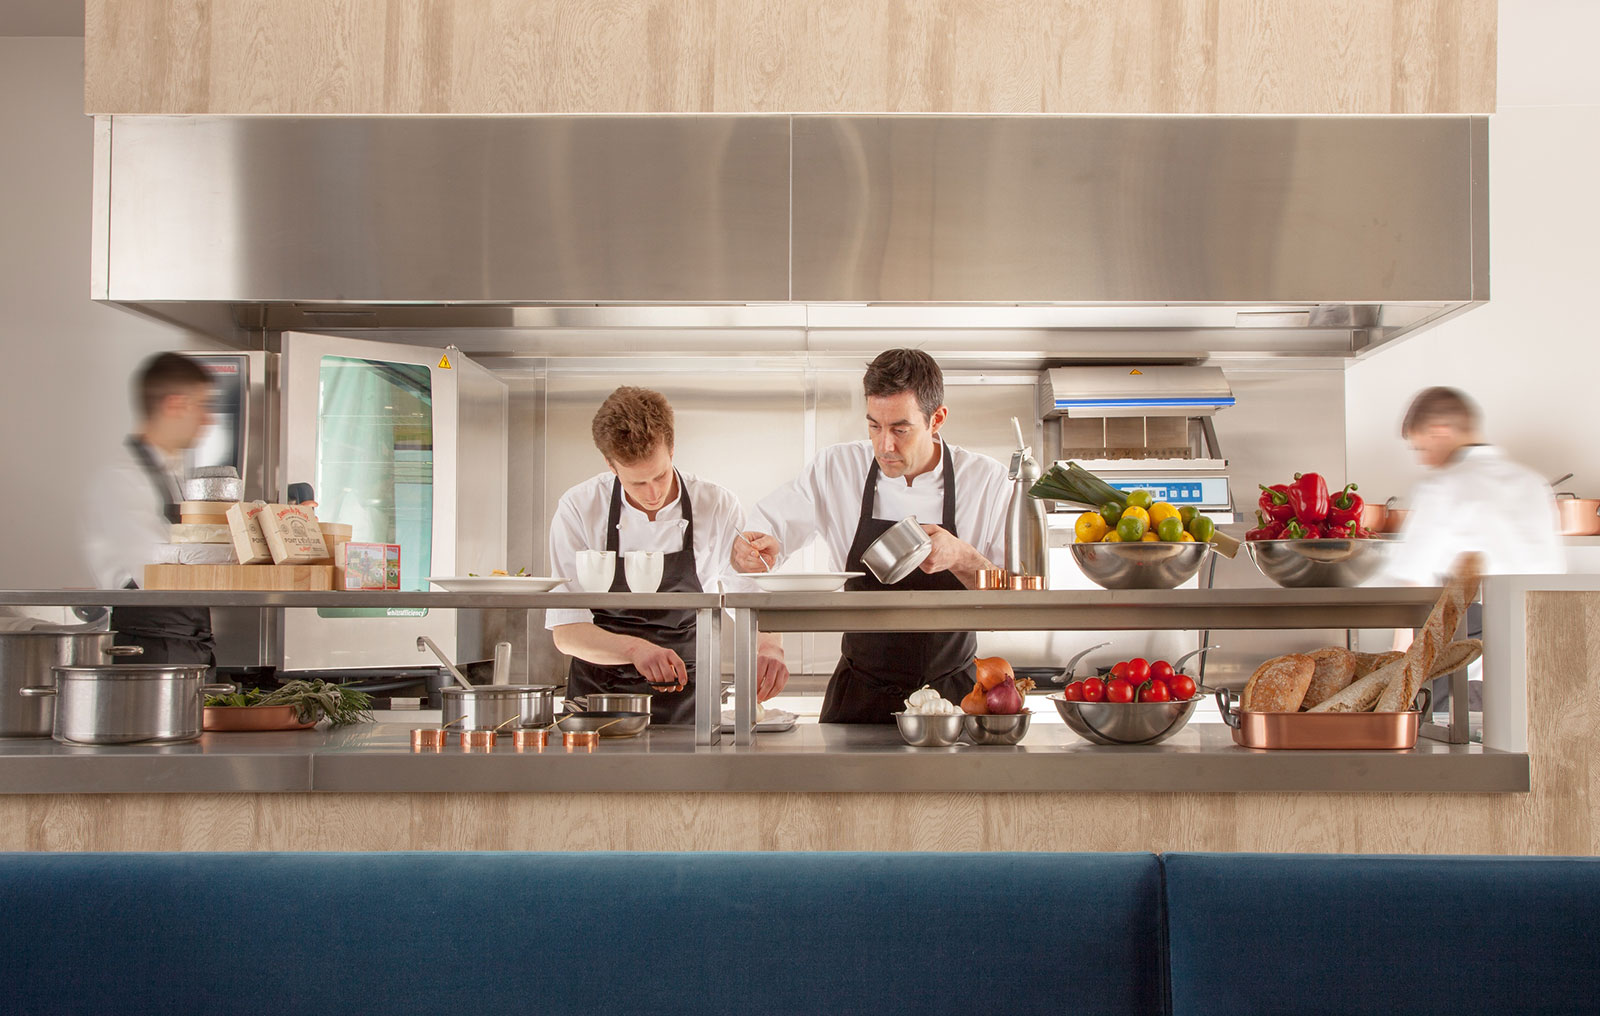 Cromlix Hotel Kitchen The-Ducker